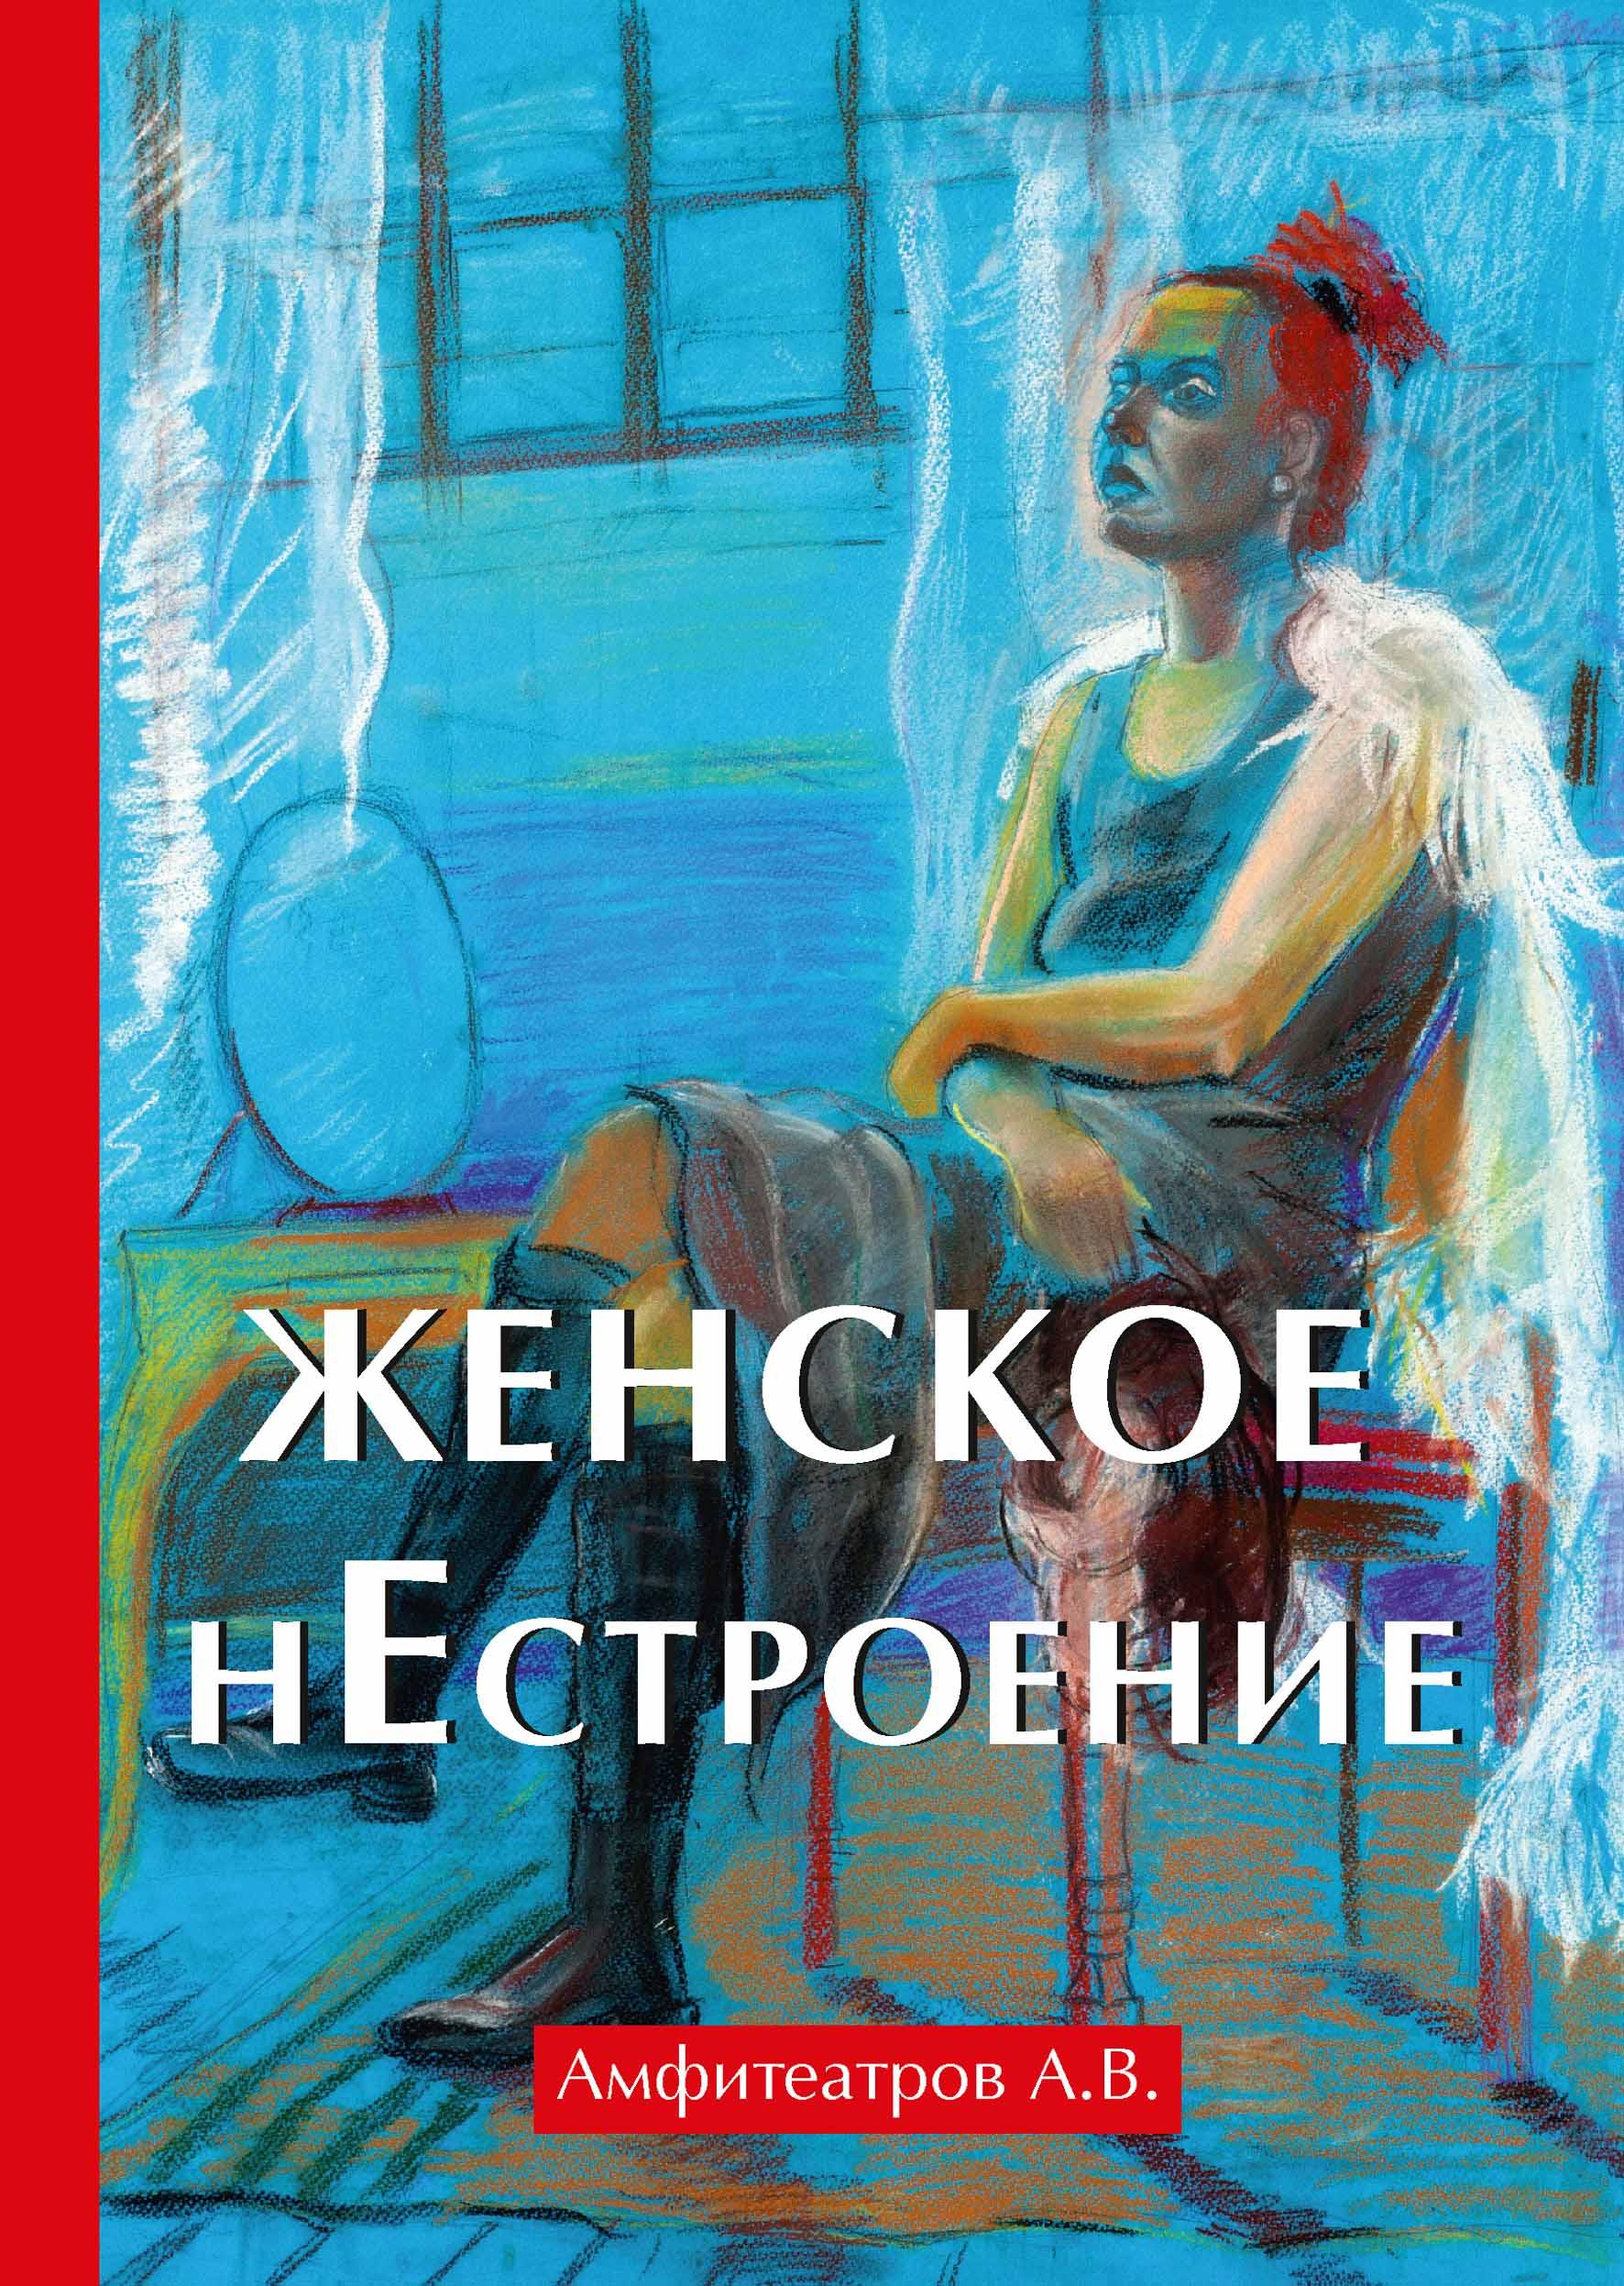 Женское нестроение | Амфитеатров Александр Валентинович